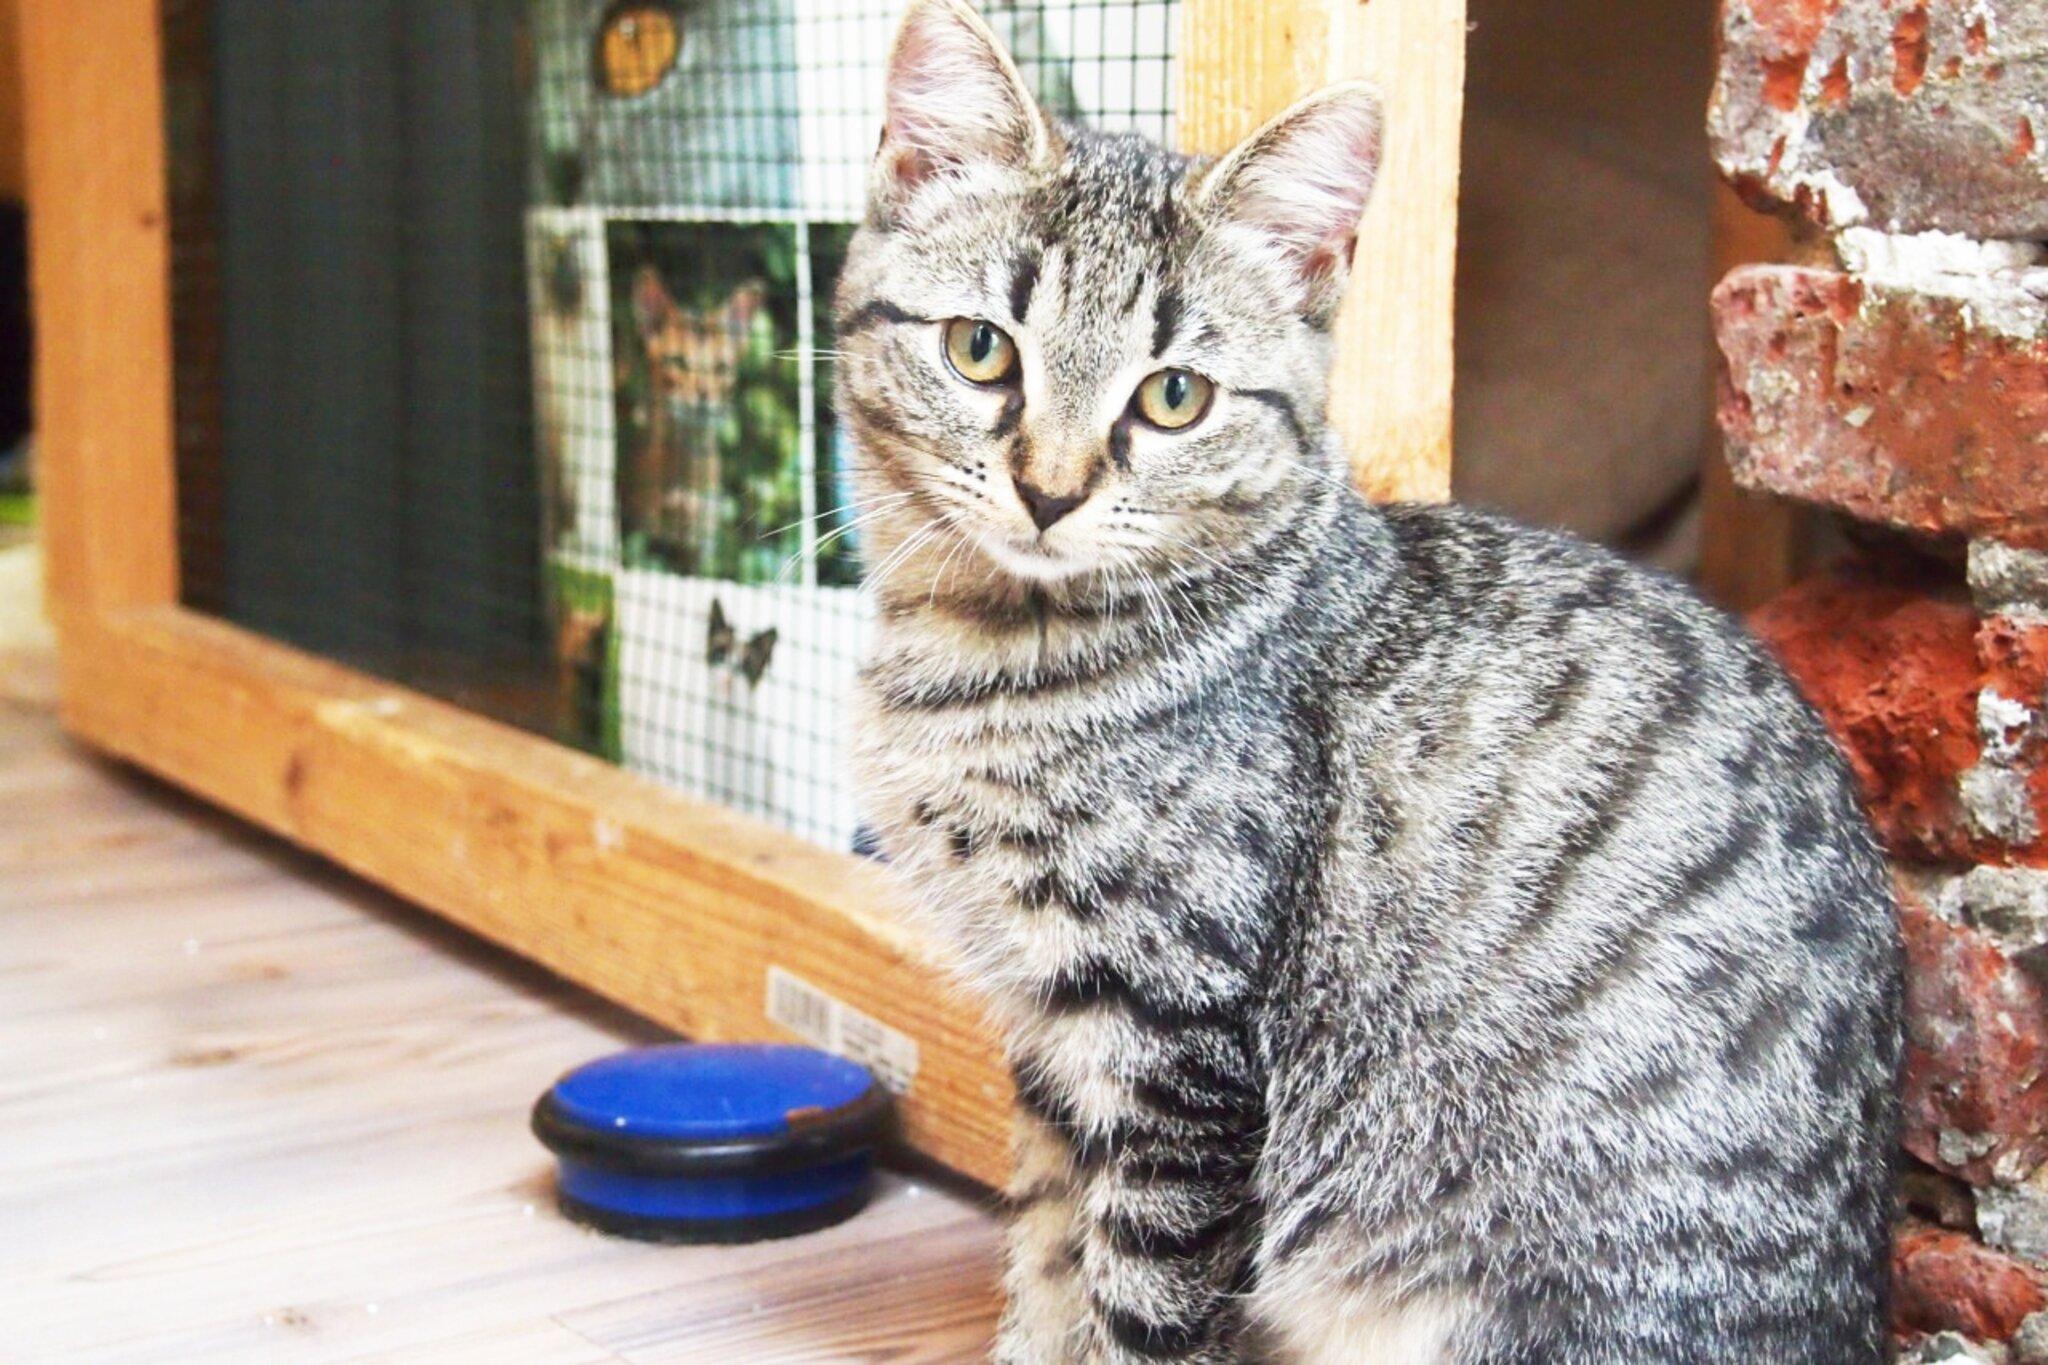 Tierschutzverein Buxtehude benötigt Hilfe                                                                  Vierbeiner müssen versorgt werden